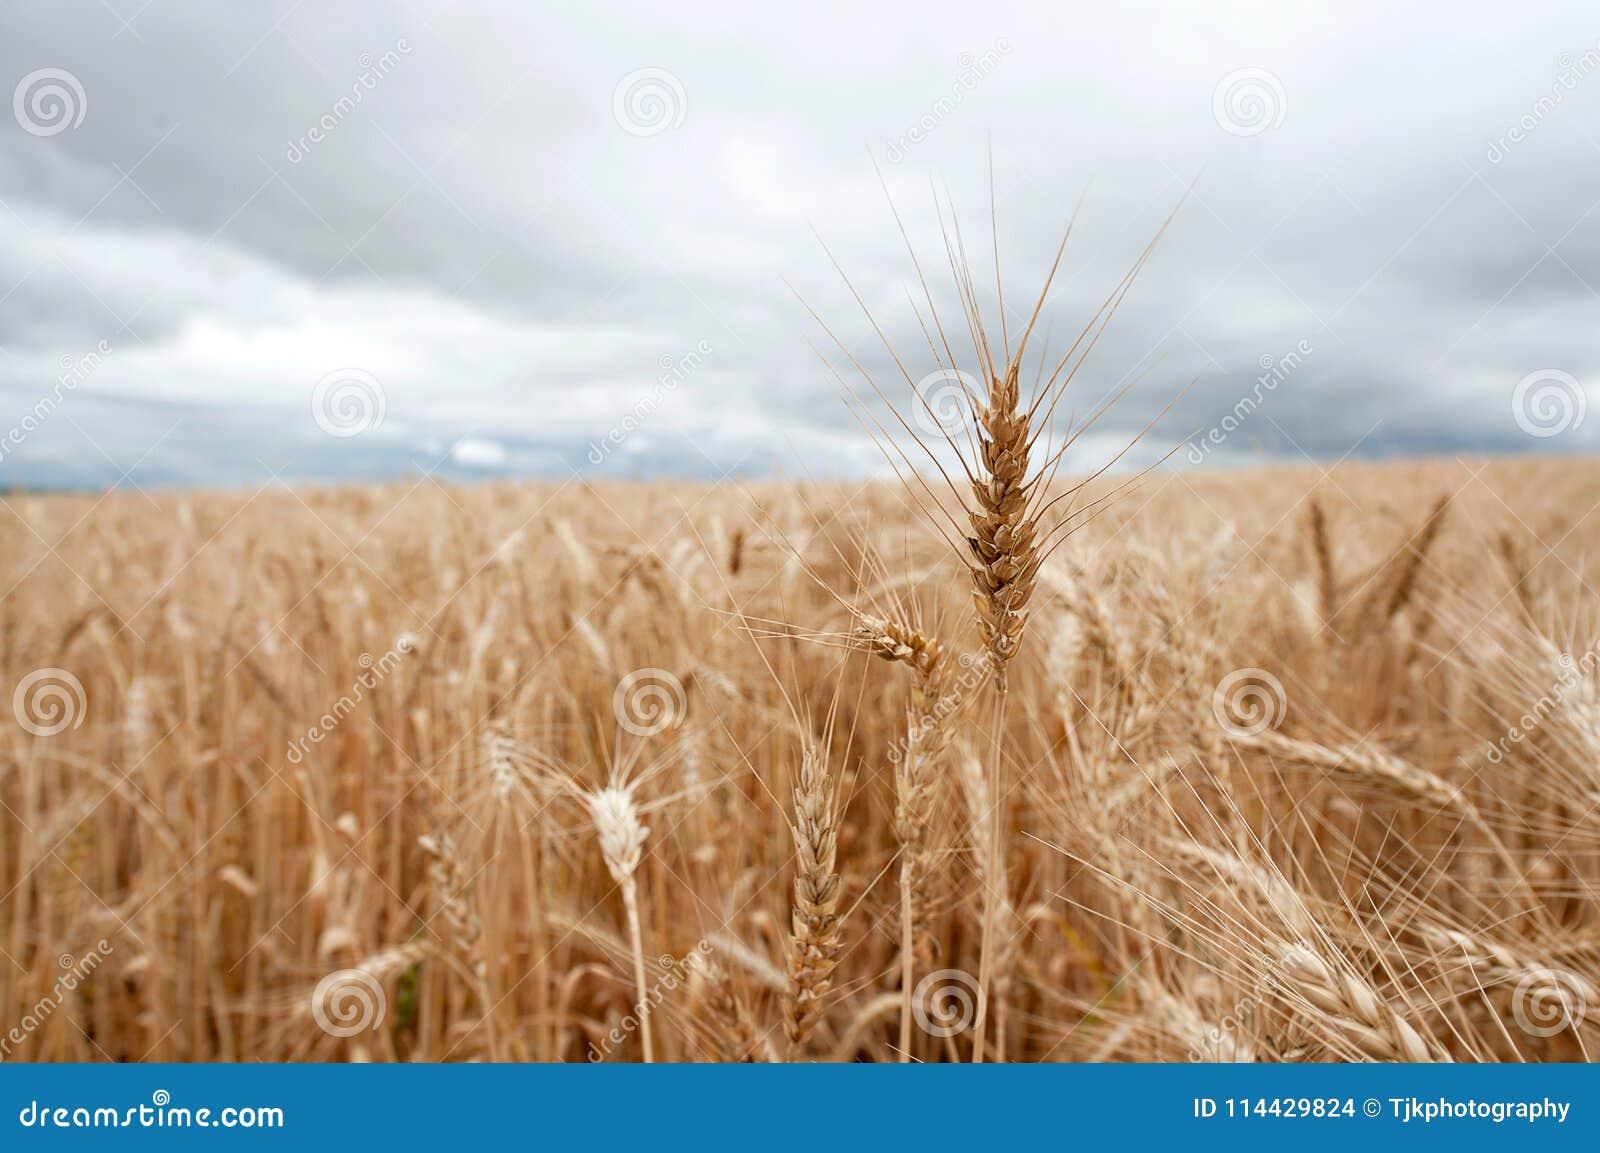 Enkel stjälk av vete som klibbar ut ur en wheatfield